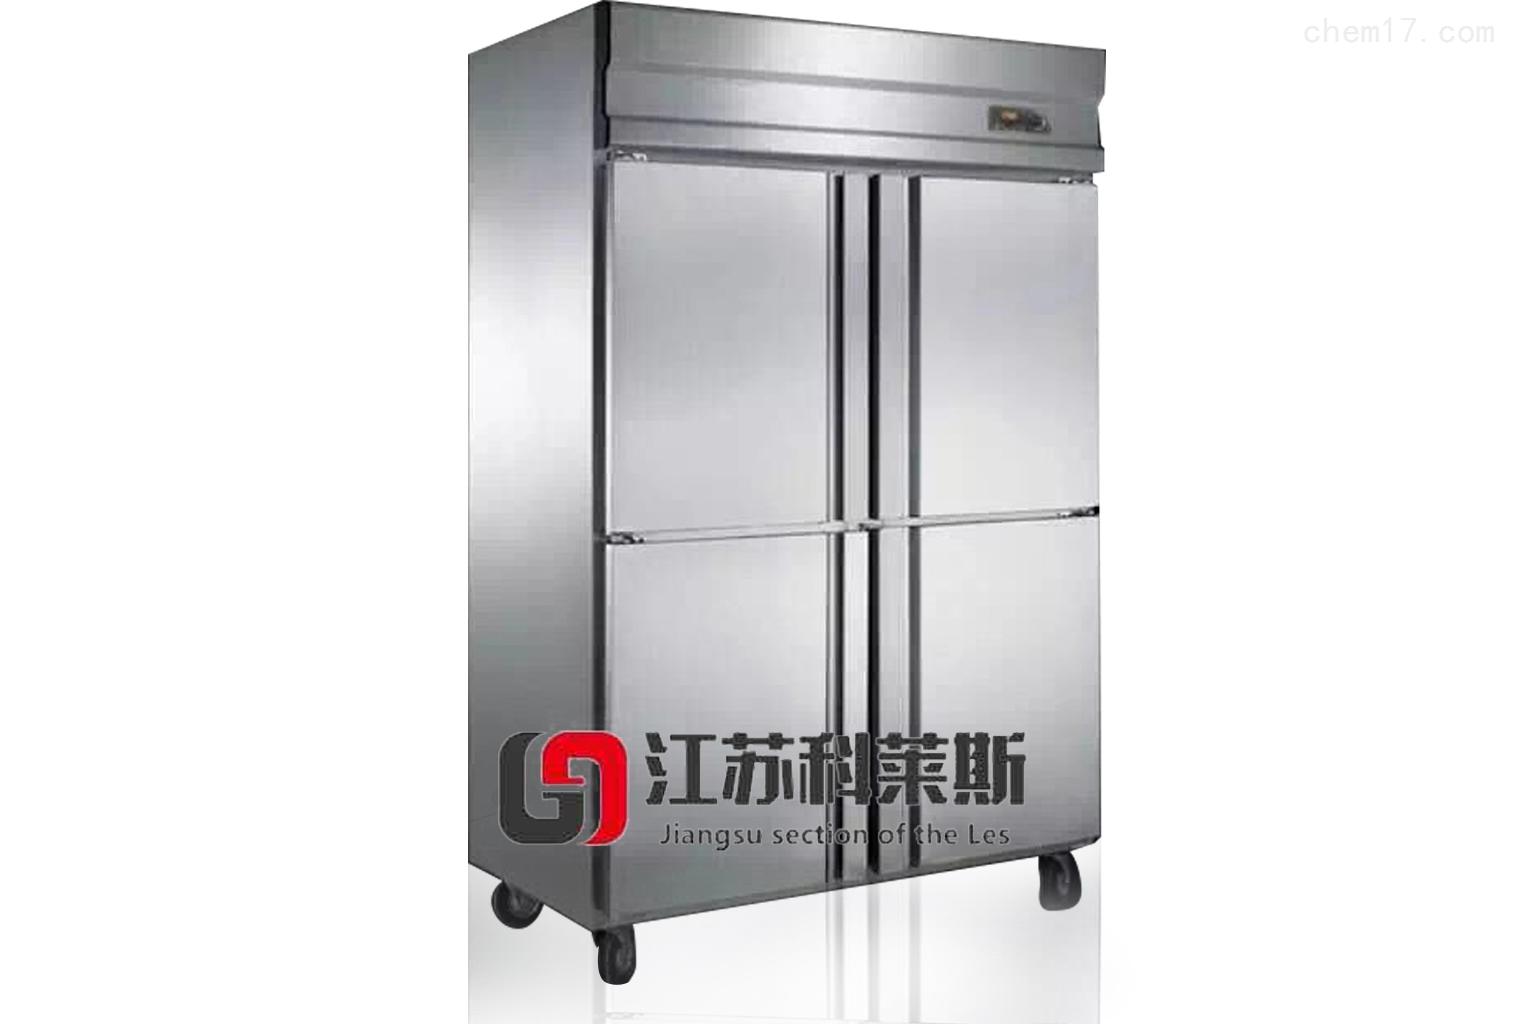 江蘇液氮食品速凍機出售